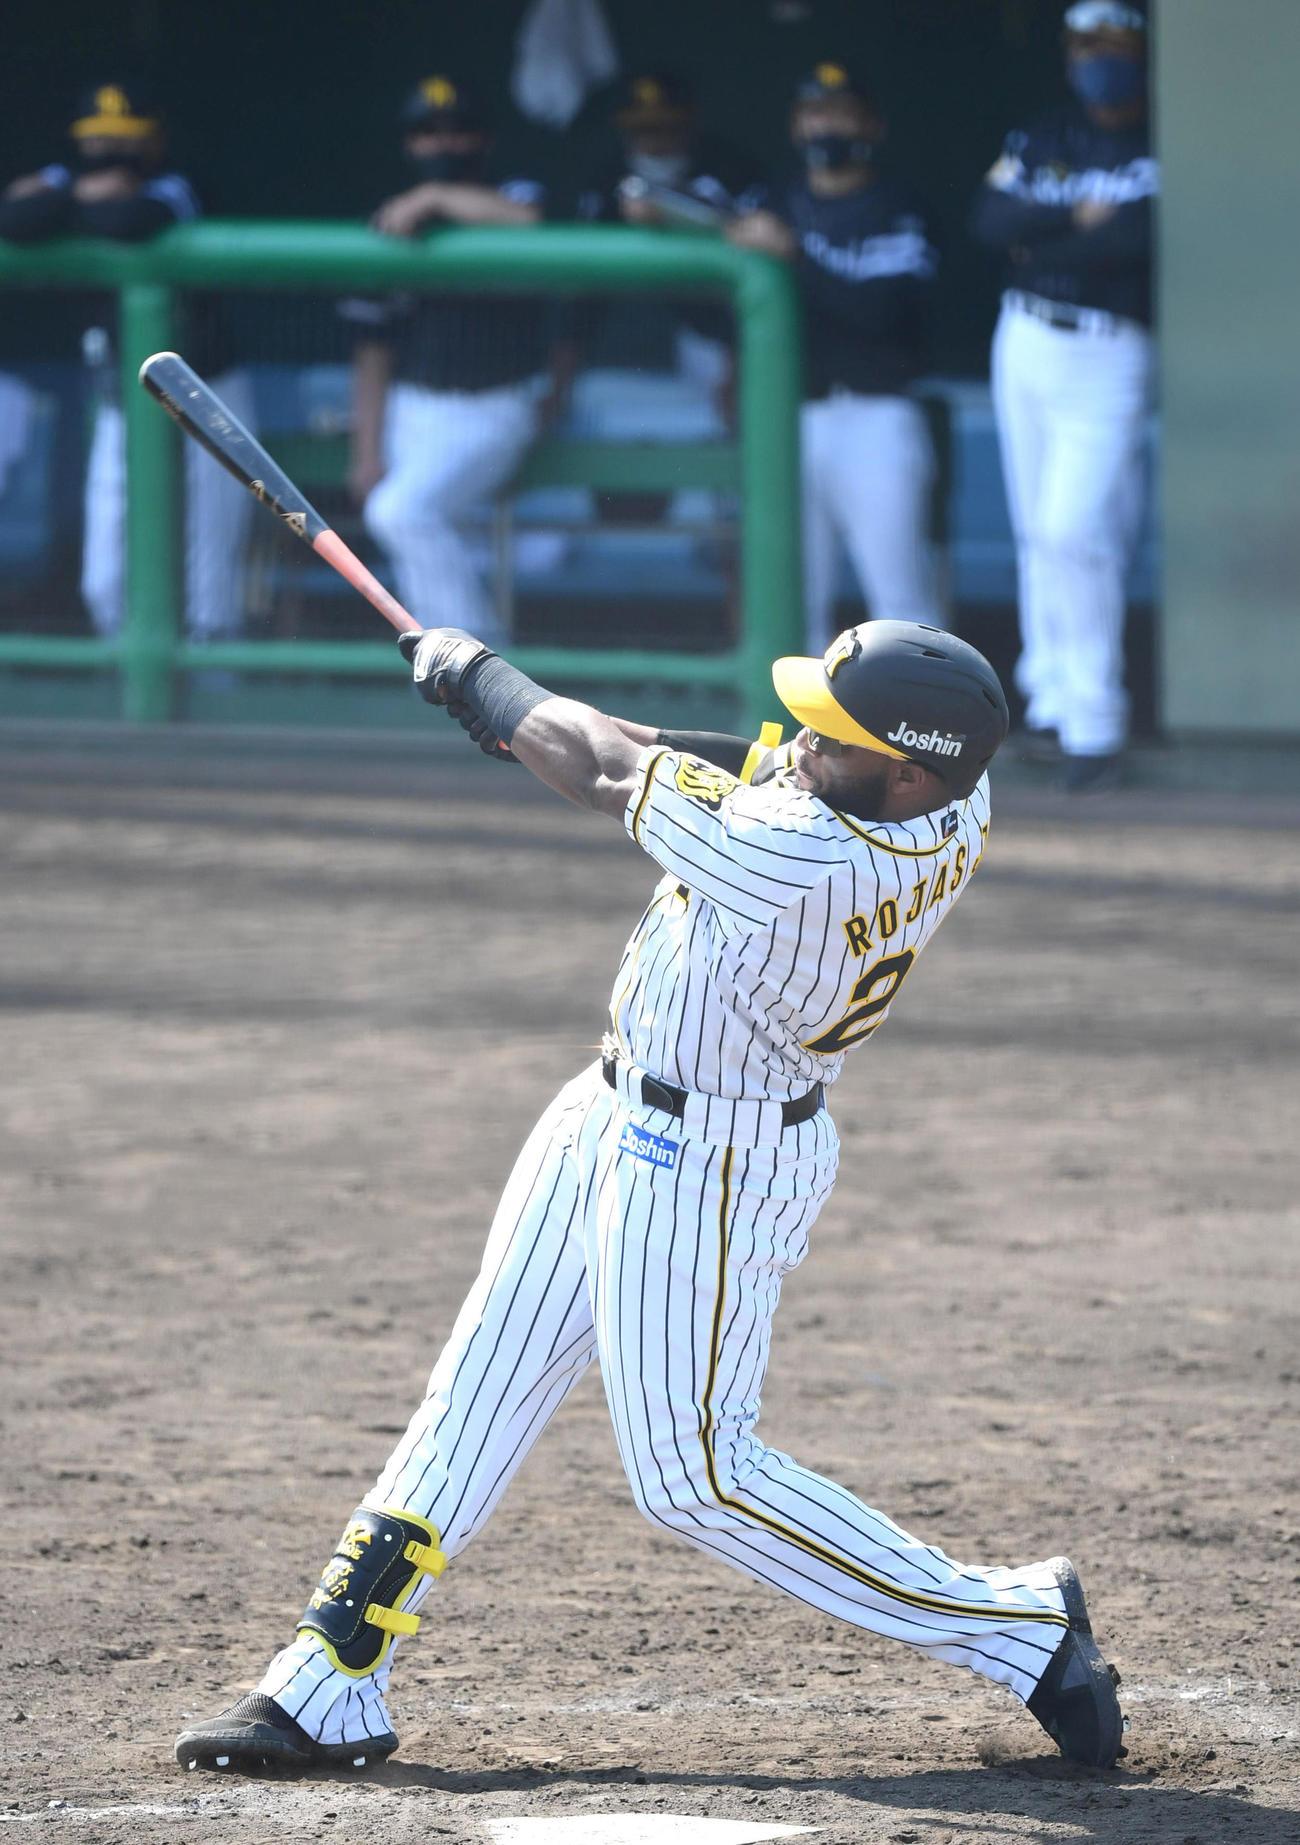 ウエスタン・リーグ阪神対ソフトバンク 5回阪神1死満塁、ロハスは2点適時二塁打を放つ(代表撮影)